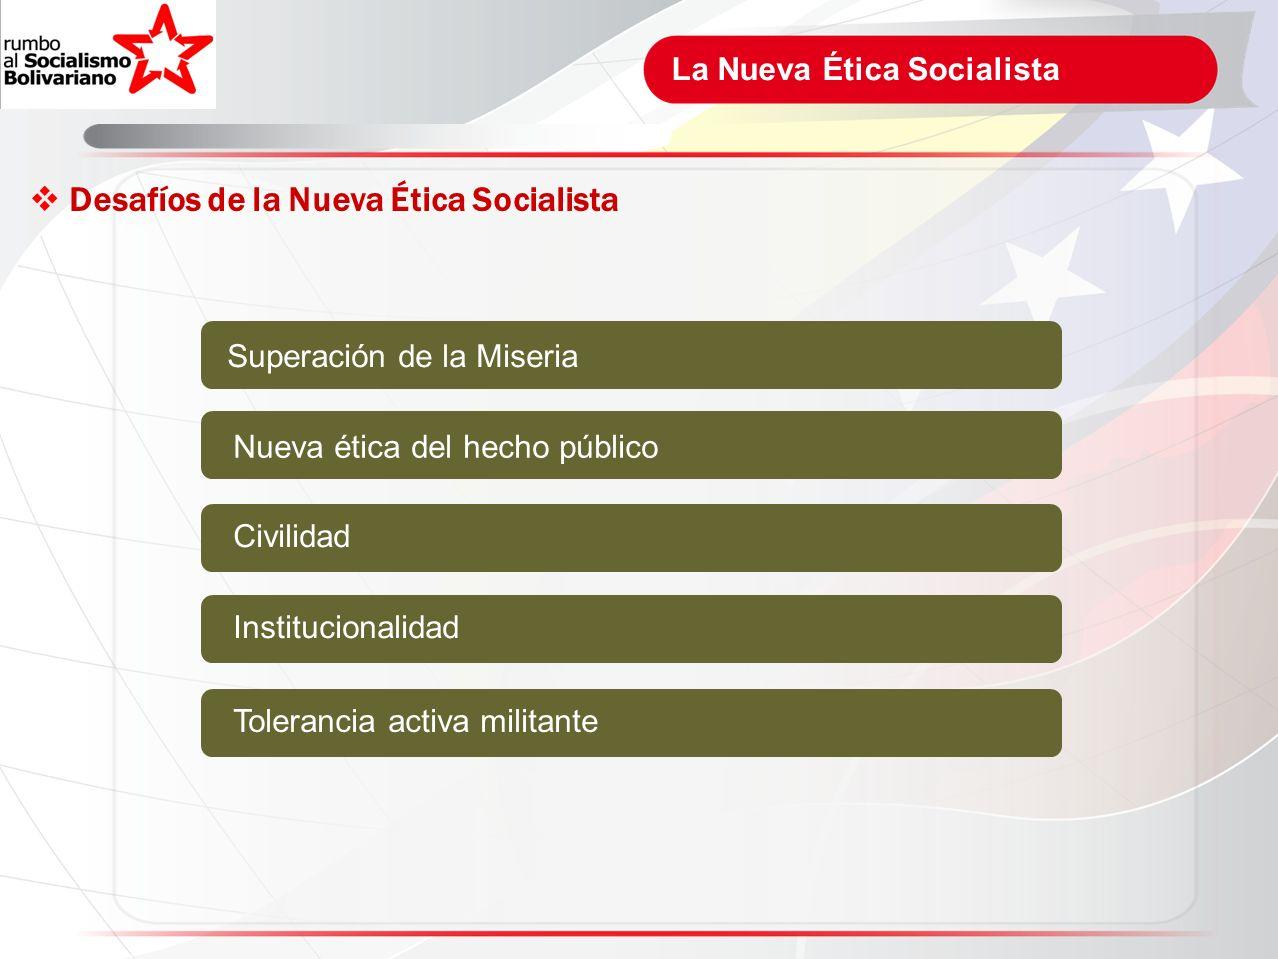 Proyecto Nacional Simón Bolívar Capitalistas Privadas Capitalista de Estado Economía Social Modelo Productivo Socialista Empresas Situación Actual Capitalistas Privadas Capitalista de Estado Economía Social Empresas Mixtas Situación Propuesta